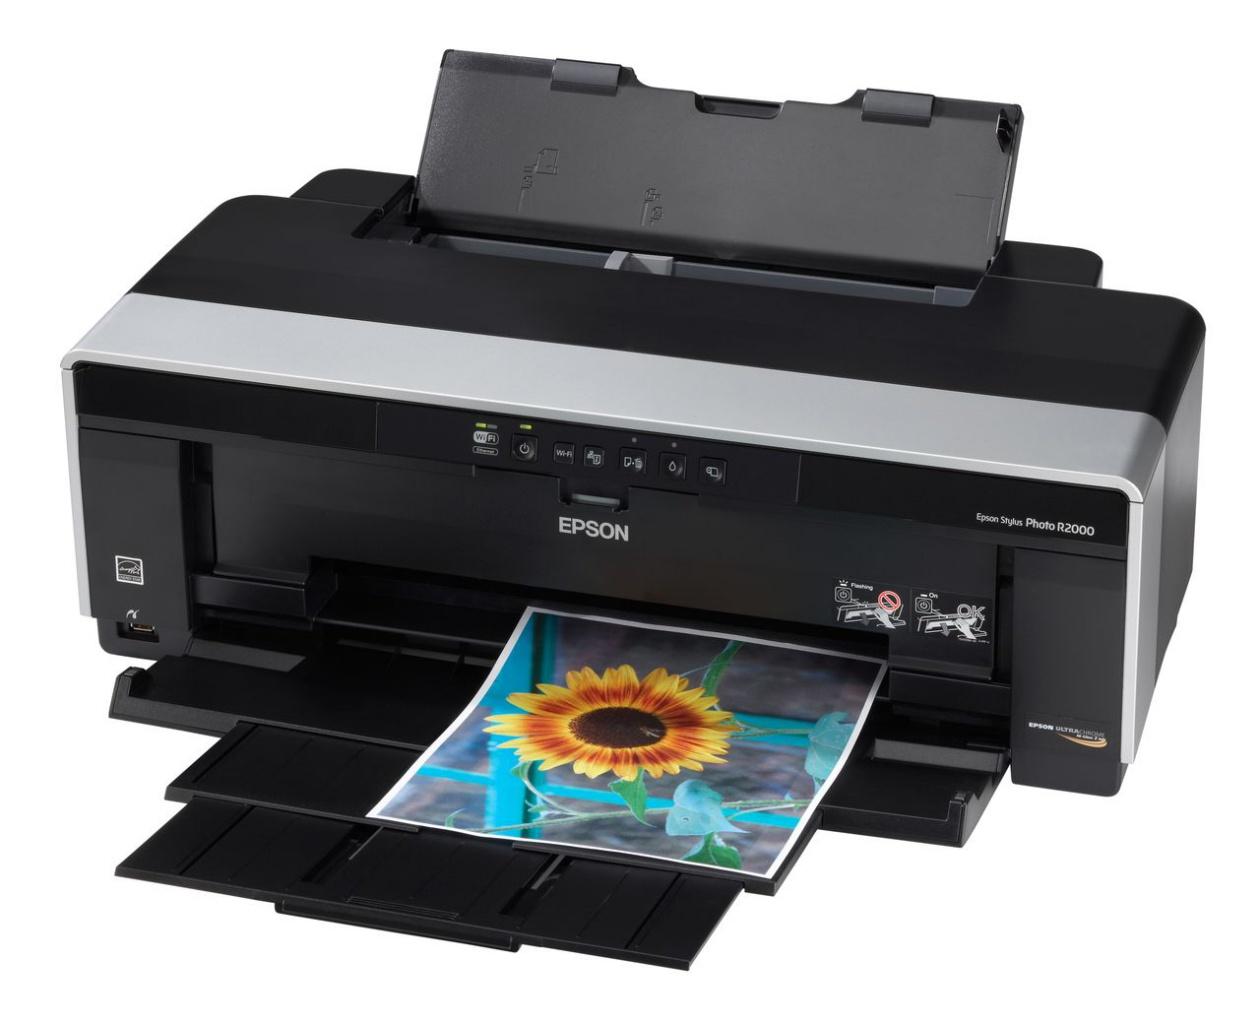 новые драйверы для принтера epson r2000